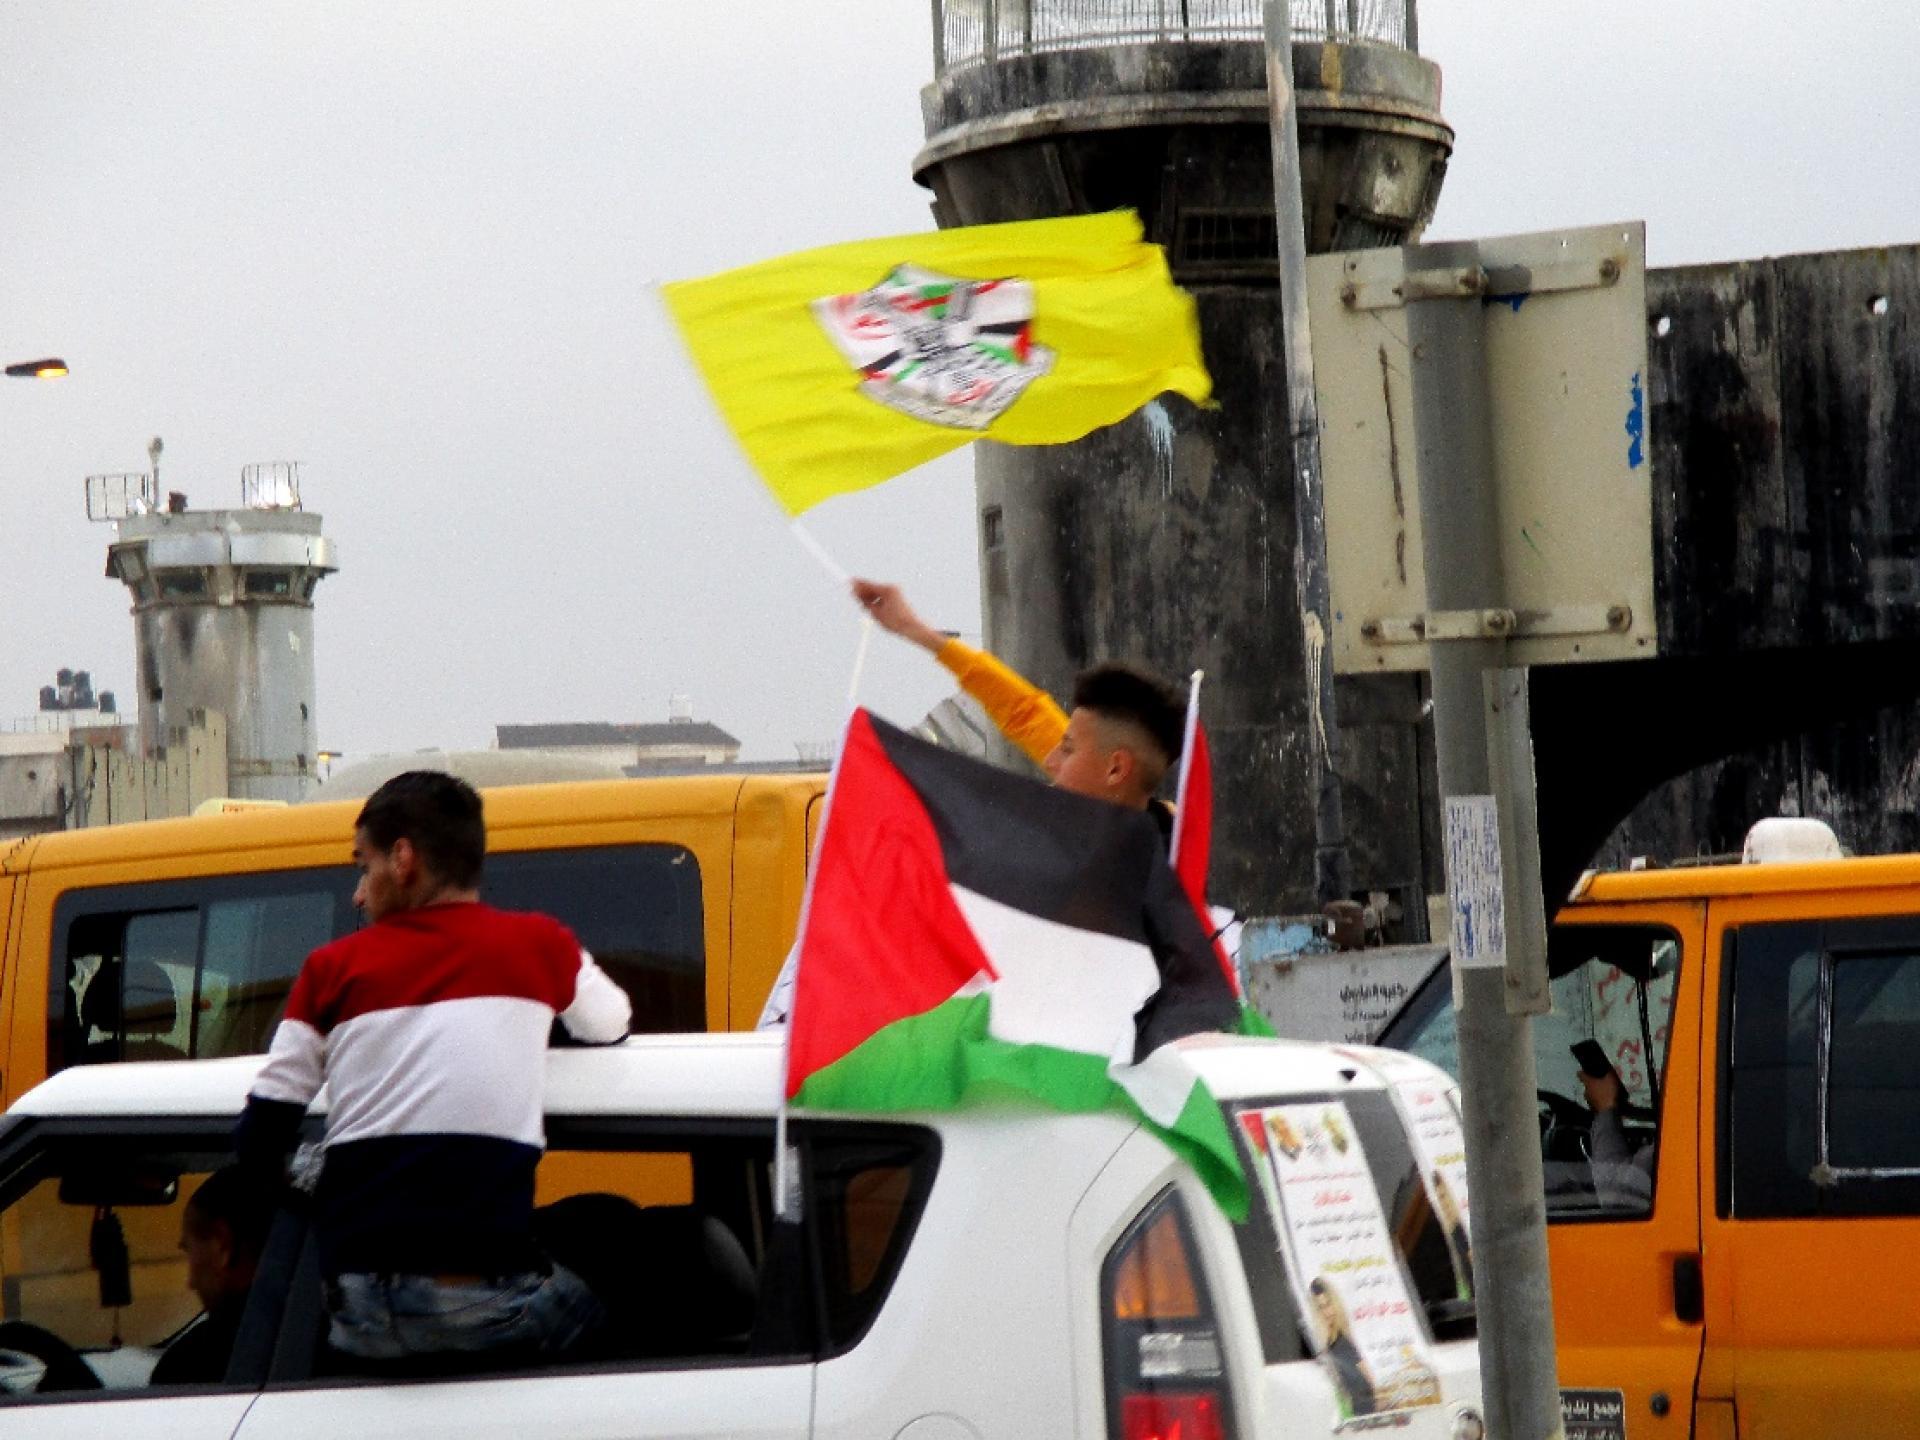 שיירת רכבים דוהרת בצהלות ונפנופי דגלים לכבוד מישהו שיצא מהכלא